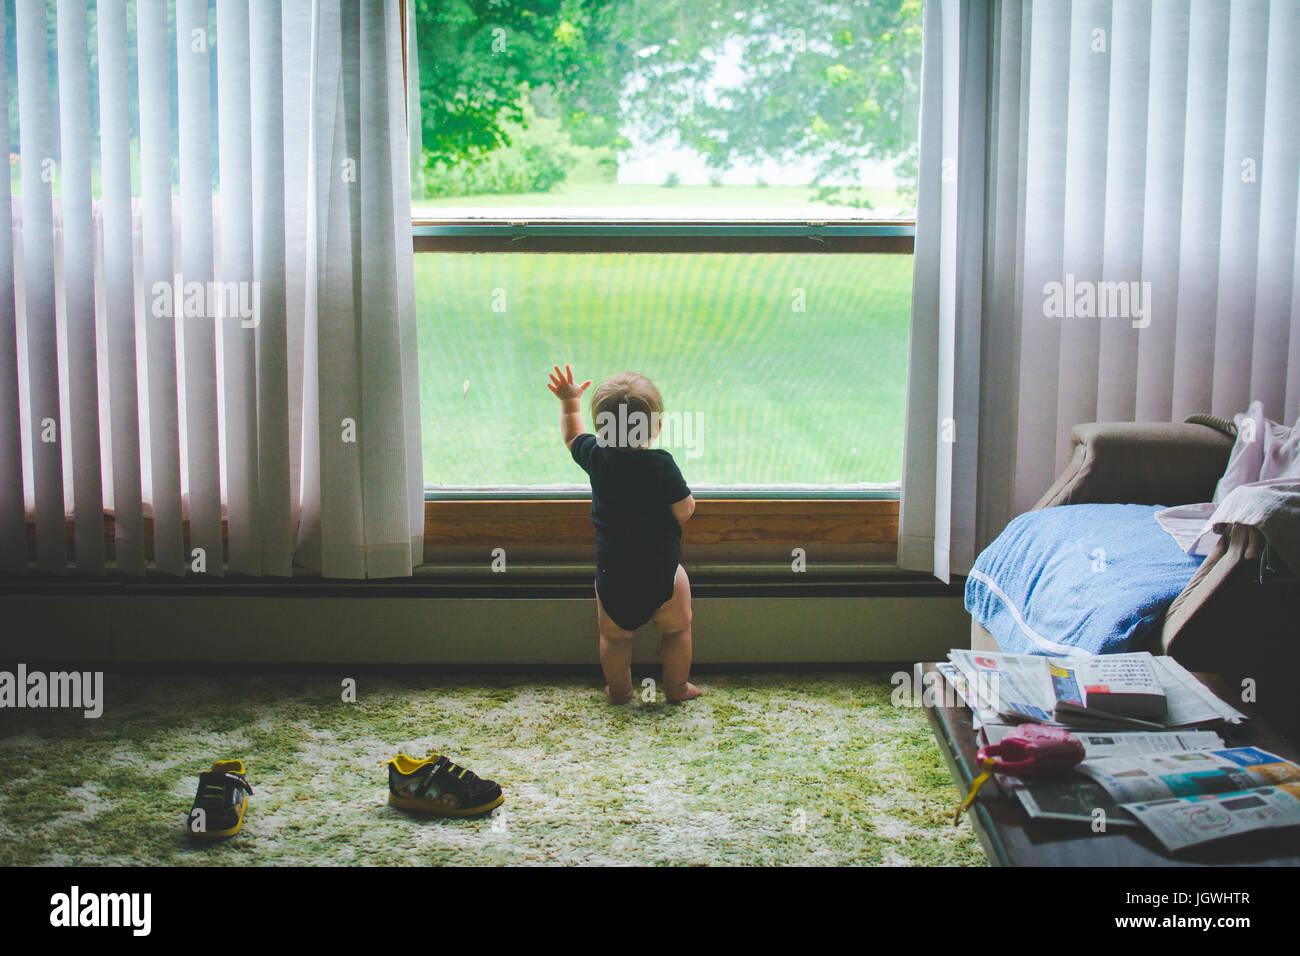 Un neonato stand con la sua mano su una finestra Immagini Stock